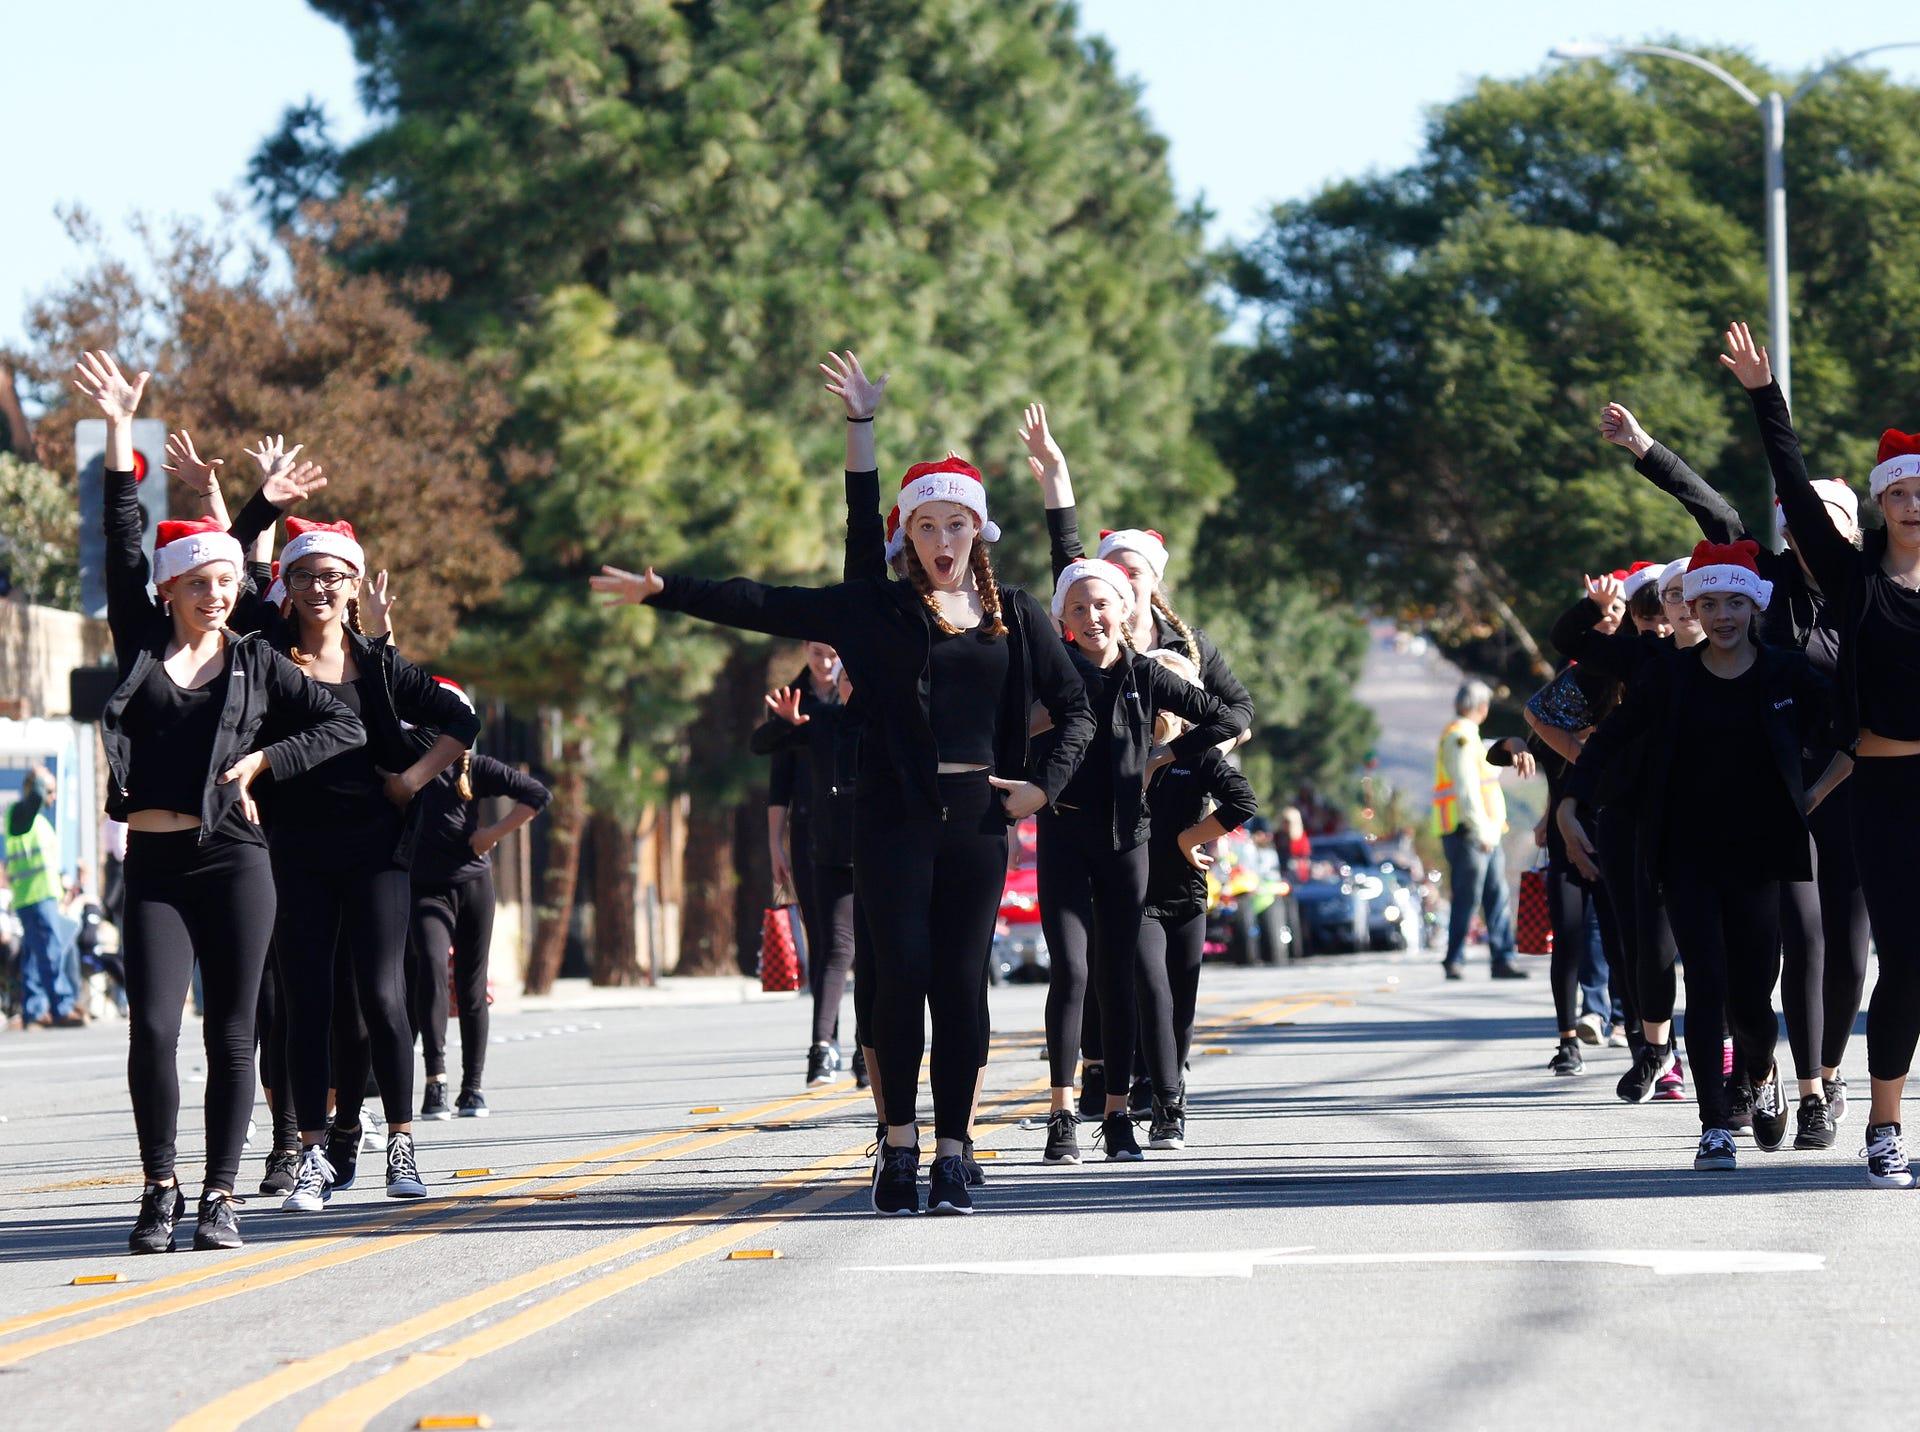 Camarillo Christmas Parade.What Happened At Camarillo Christmas Parade